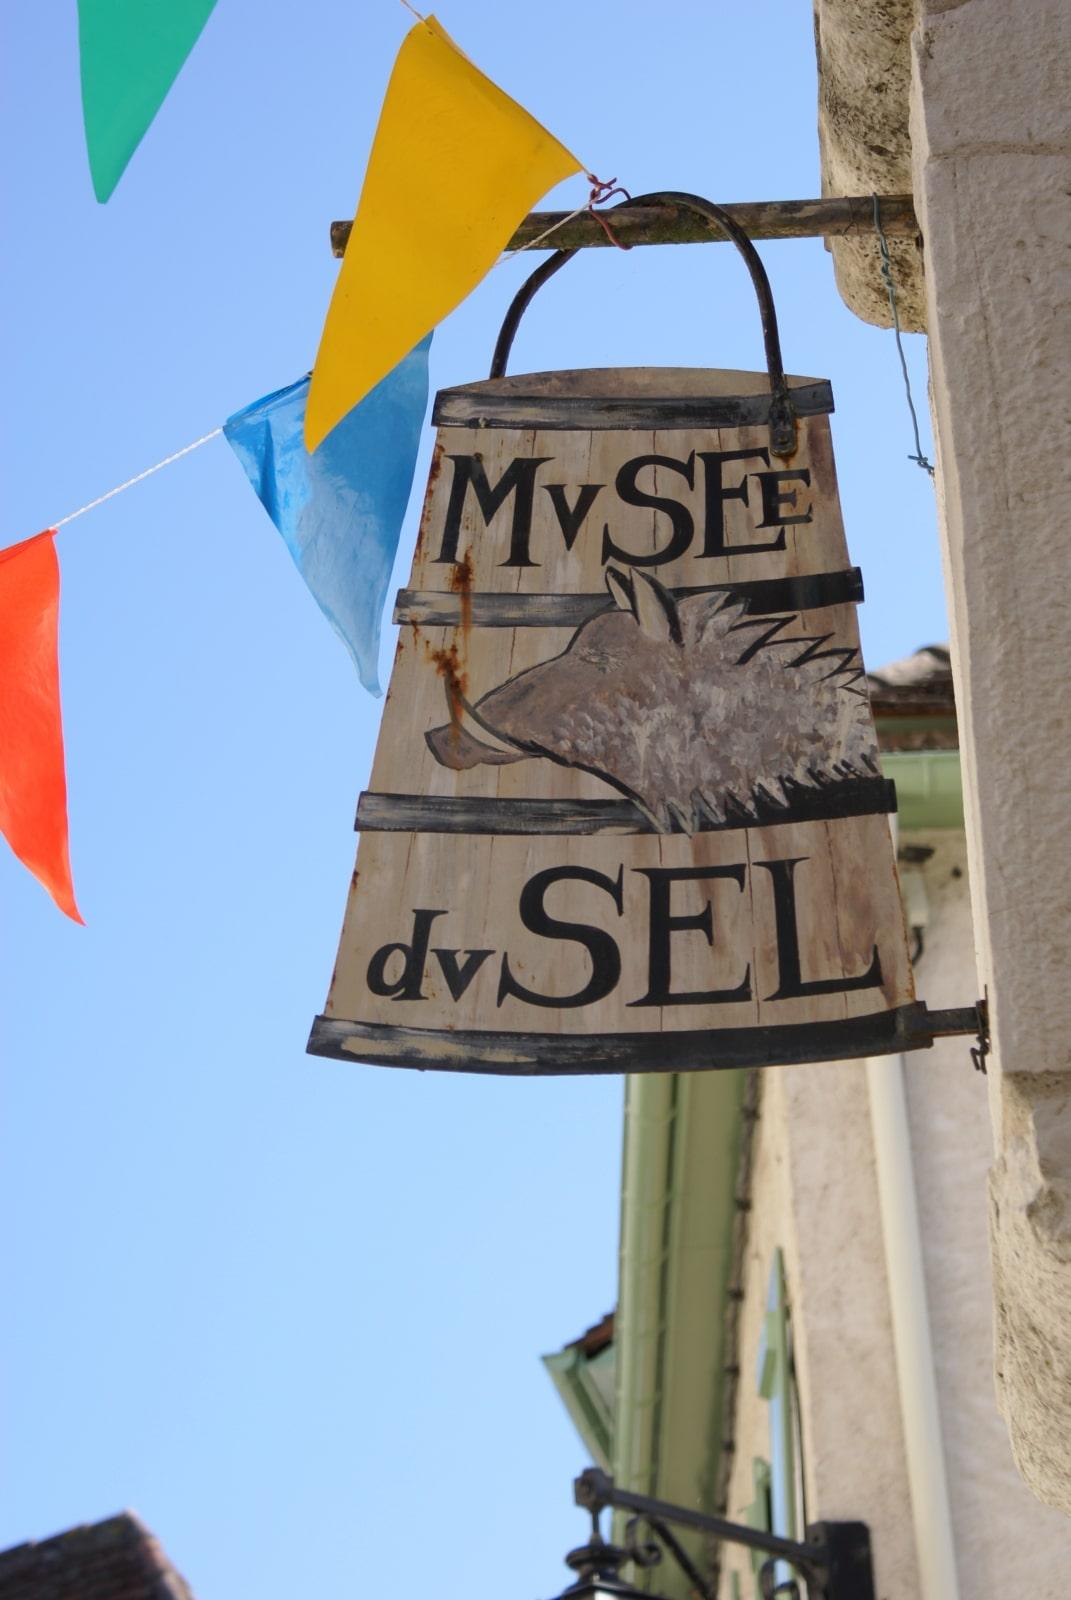 Musee-du-Sel-enseigne©OTBDG